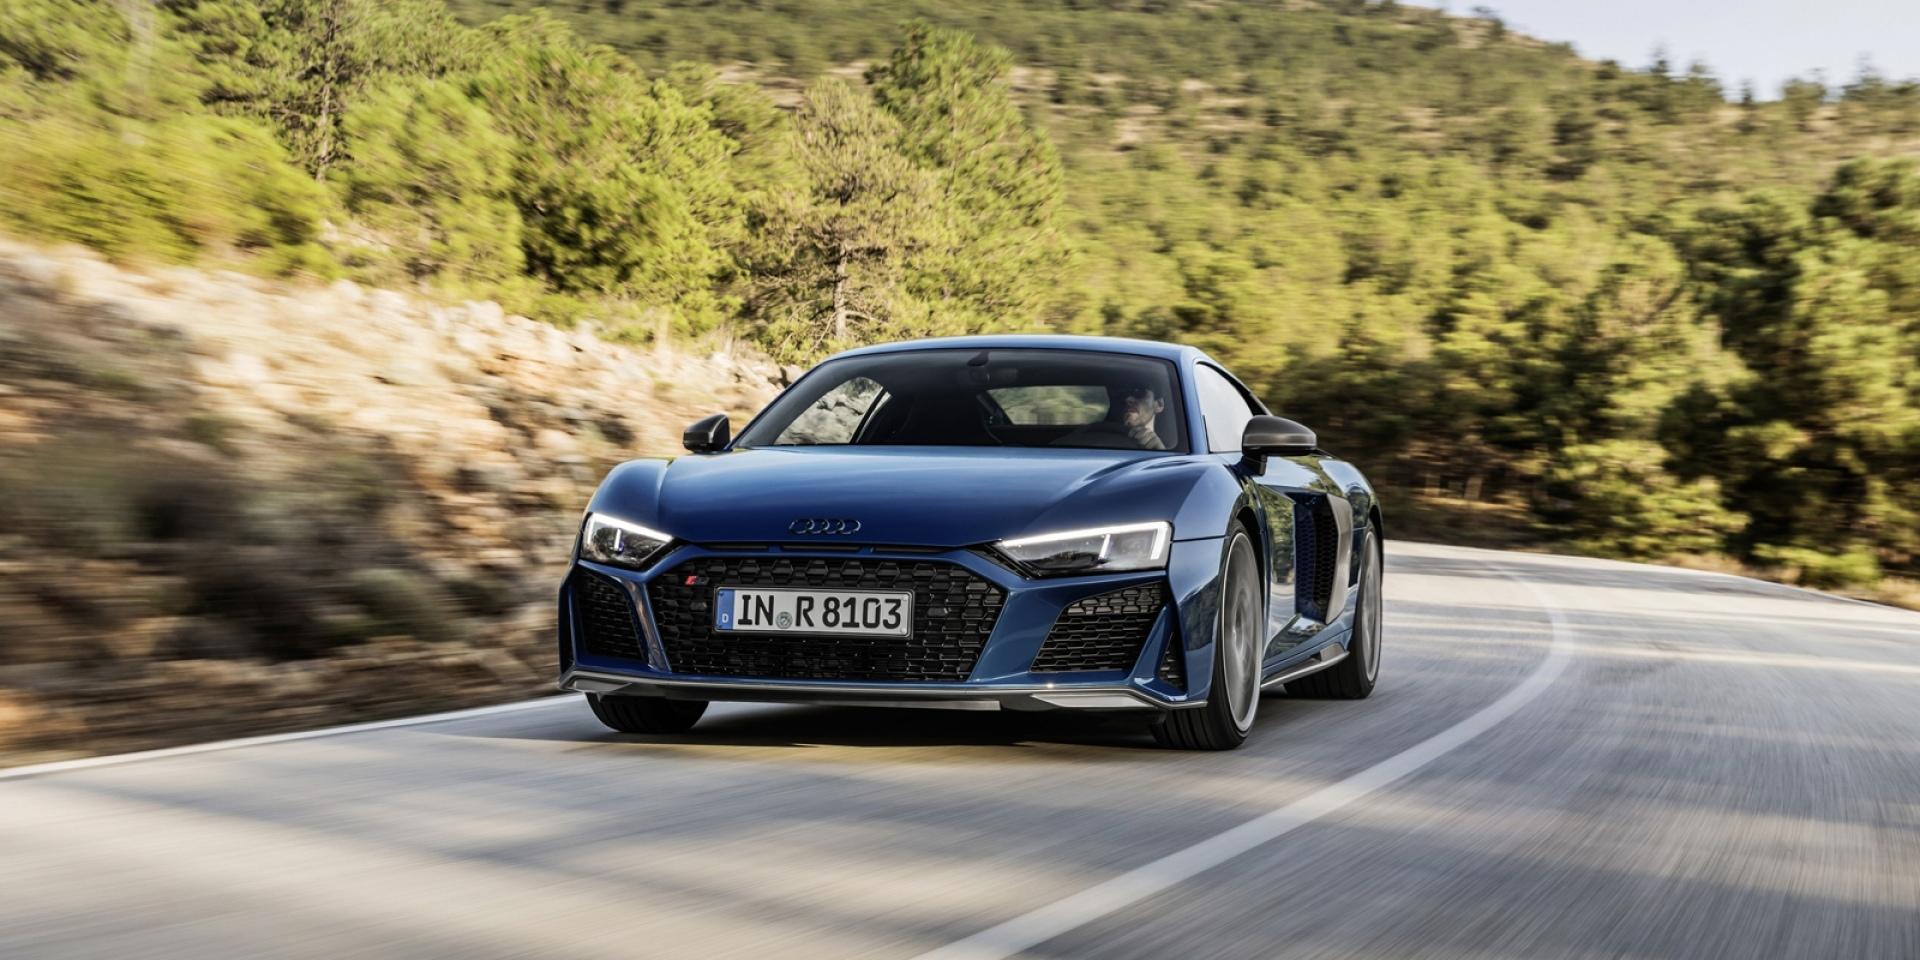 官方新聞稿。強悍動力入注 更驃悍外型更臻火辣 四環小改款高性能超跑旗艦 Audi R8 耀眼登場